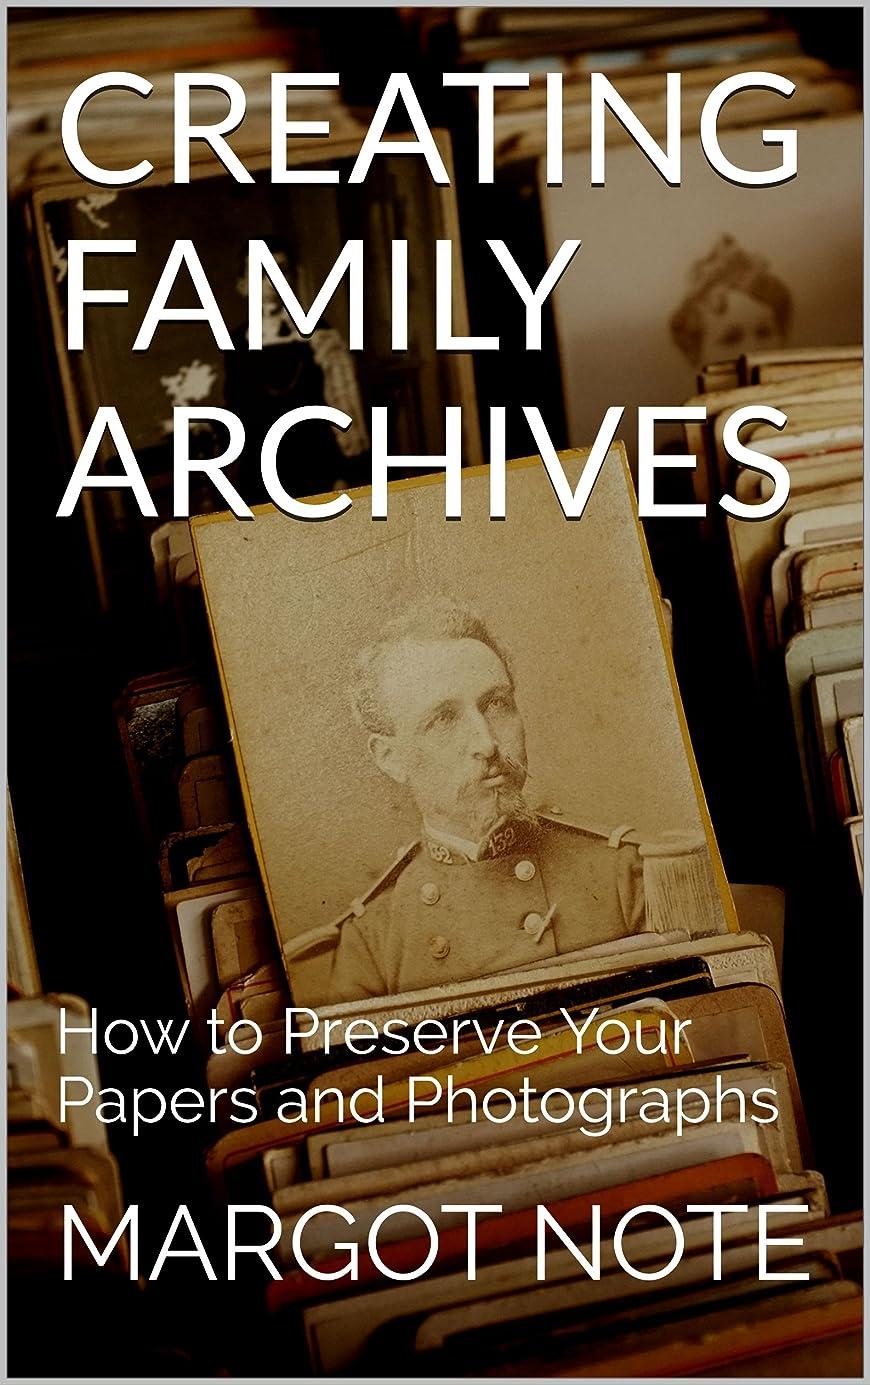 シャイバンク位置づけるCreating Family Archives: How to Preserve Your Papers and Photographs (English Edition)